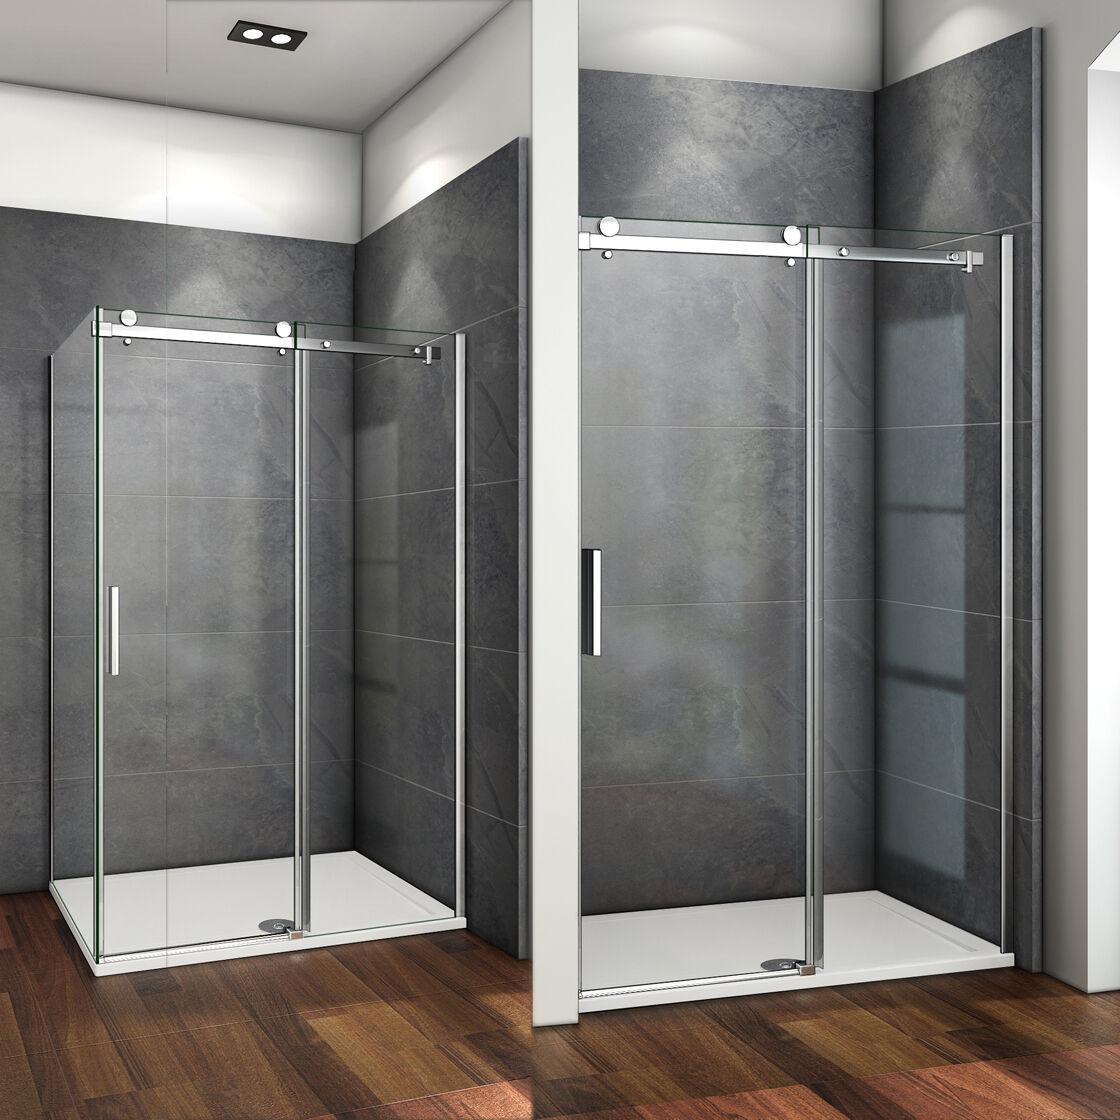 duschkabine glas test vergleich duschkabine glas g nstig kaufen. Black Bedroom Furniture Sets. Home Design Ideas